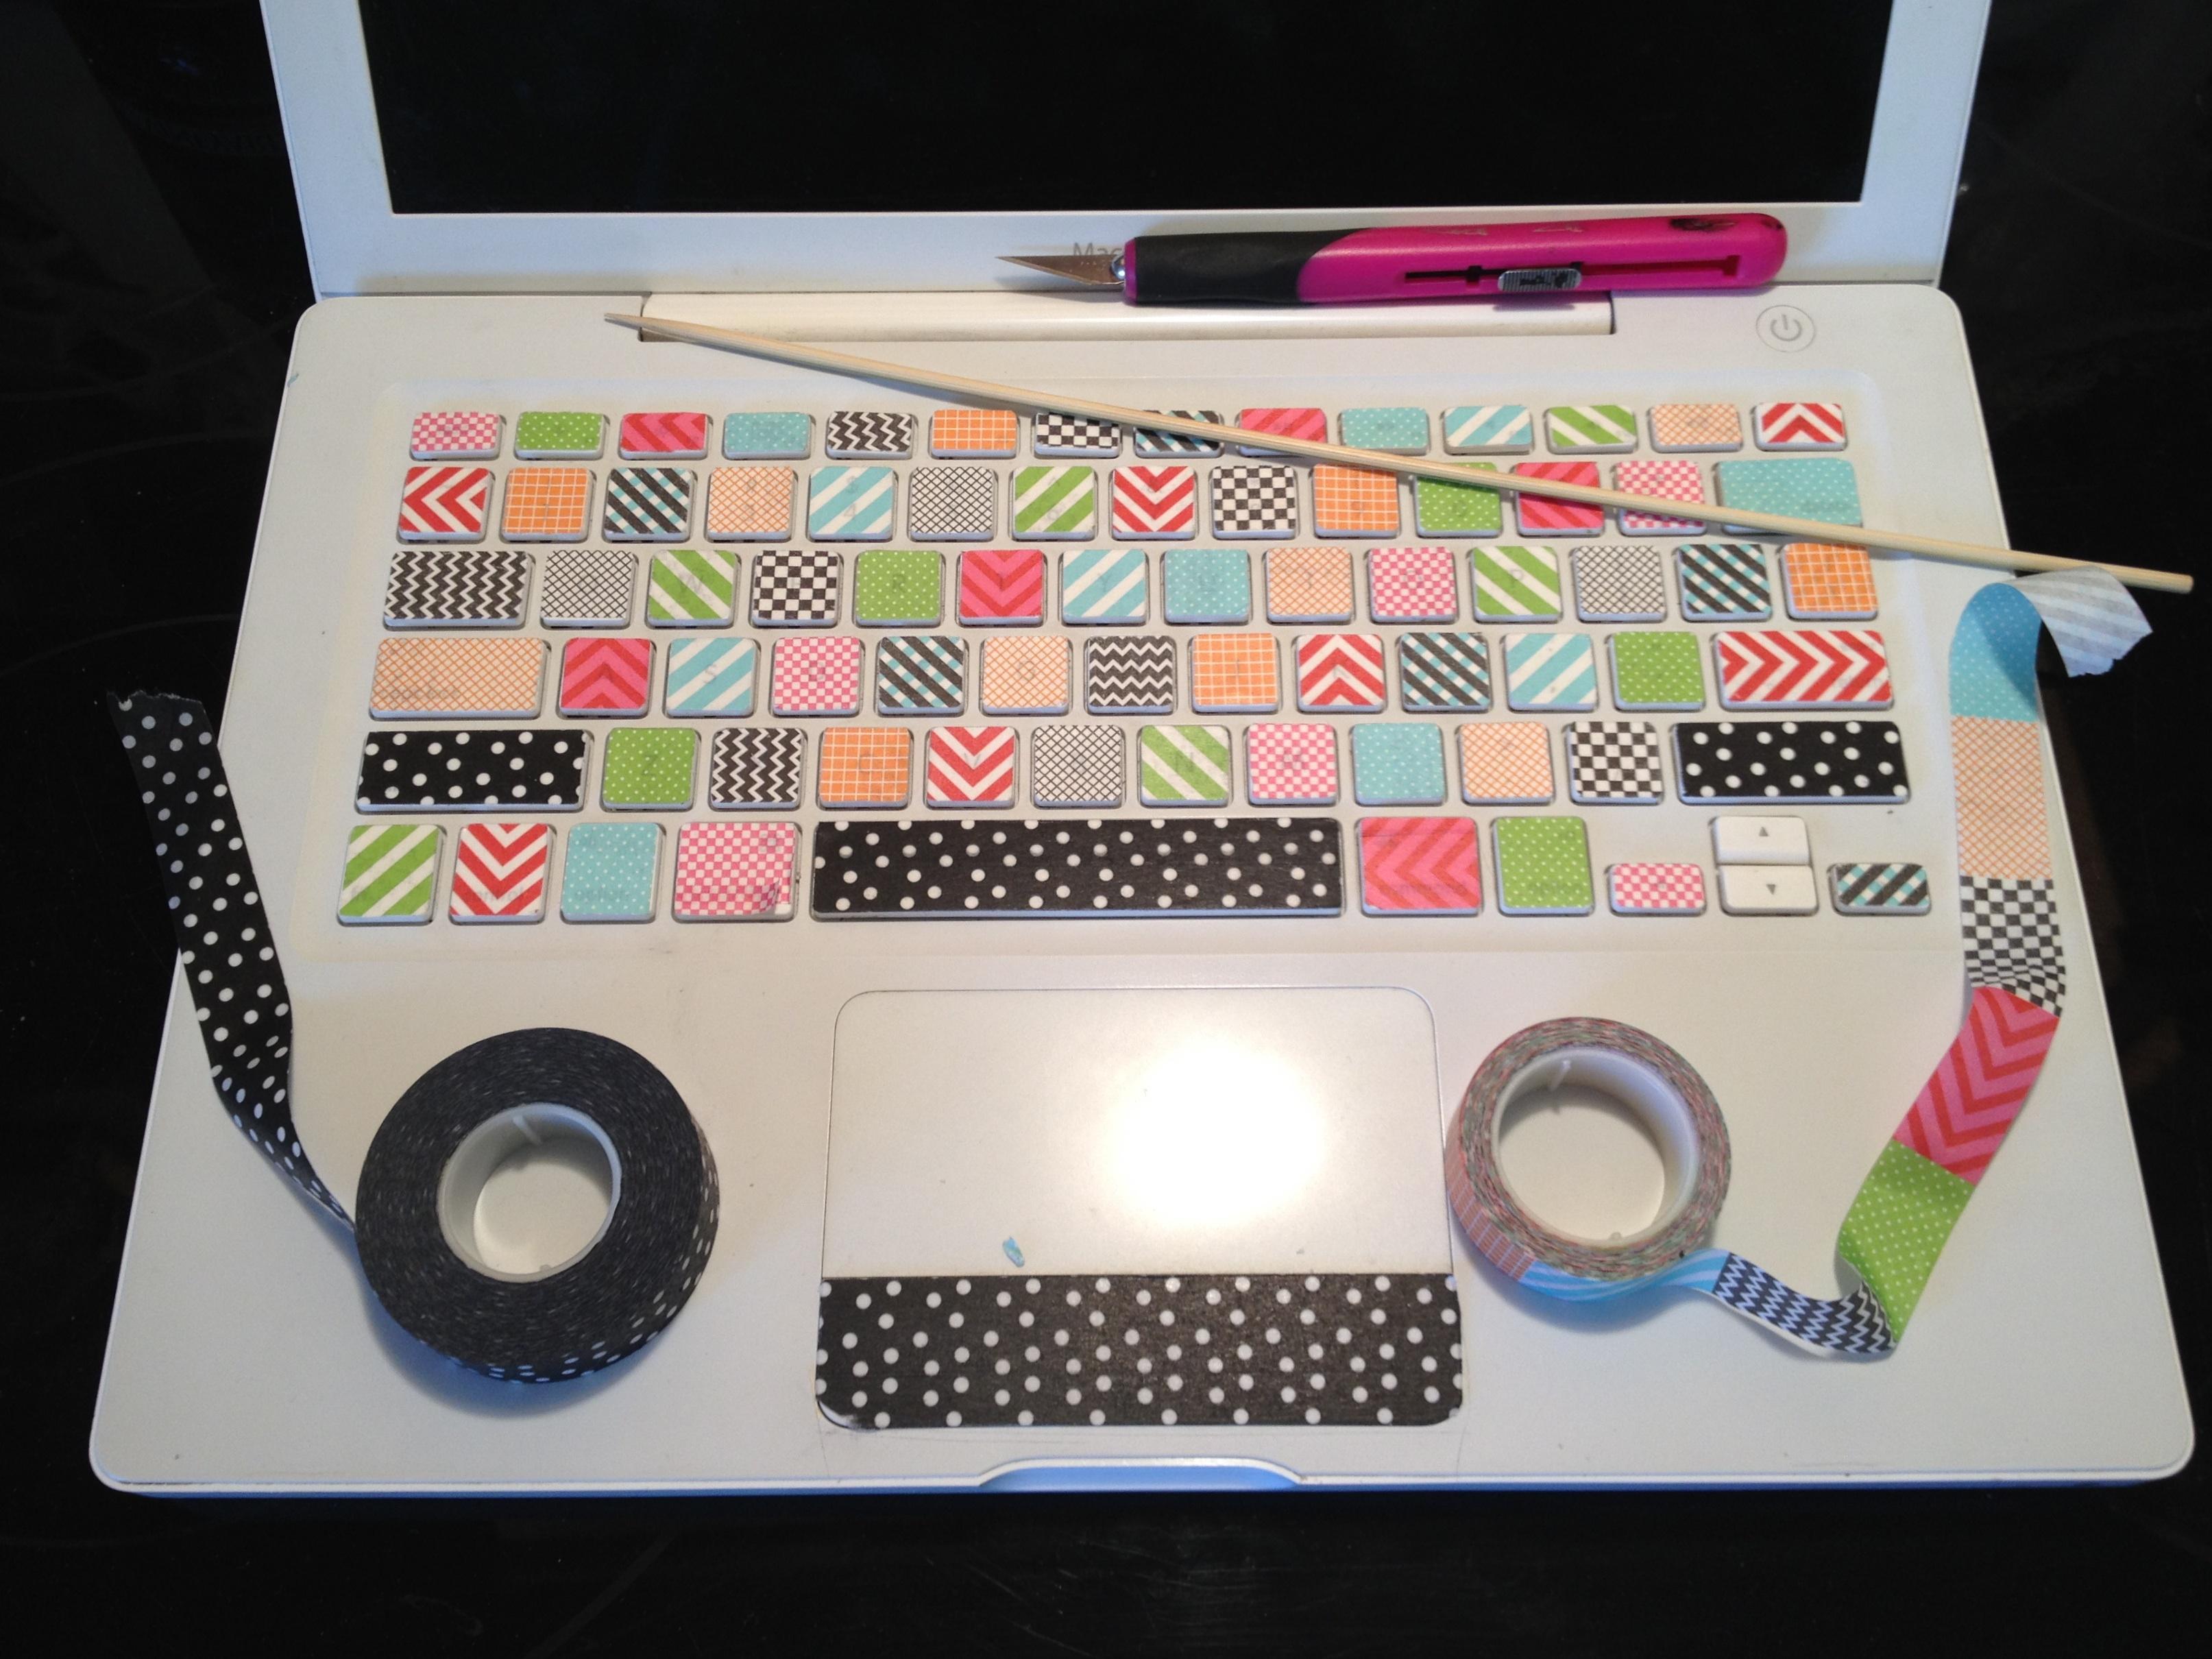 Favoloso washi tape macbook keyboard | westsinister ABBEY UQ32